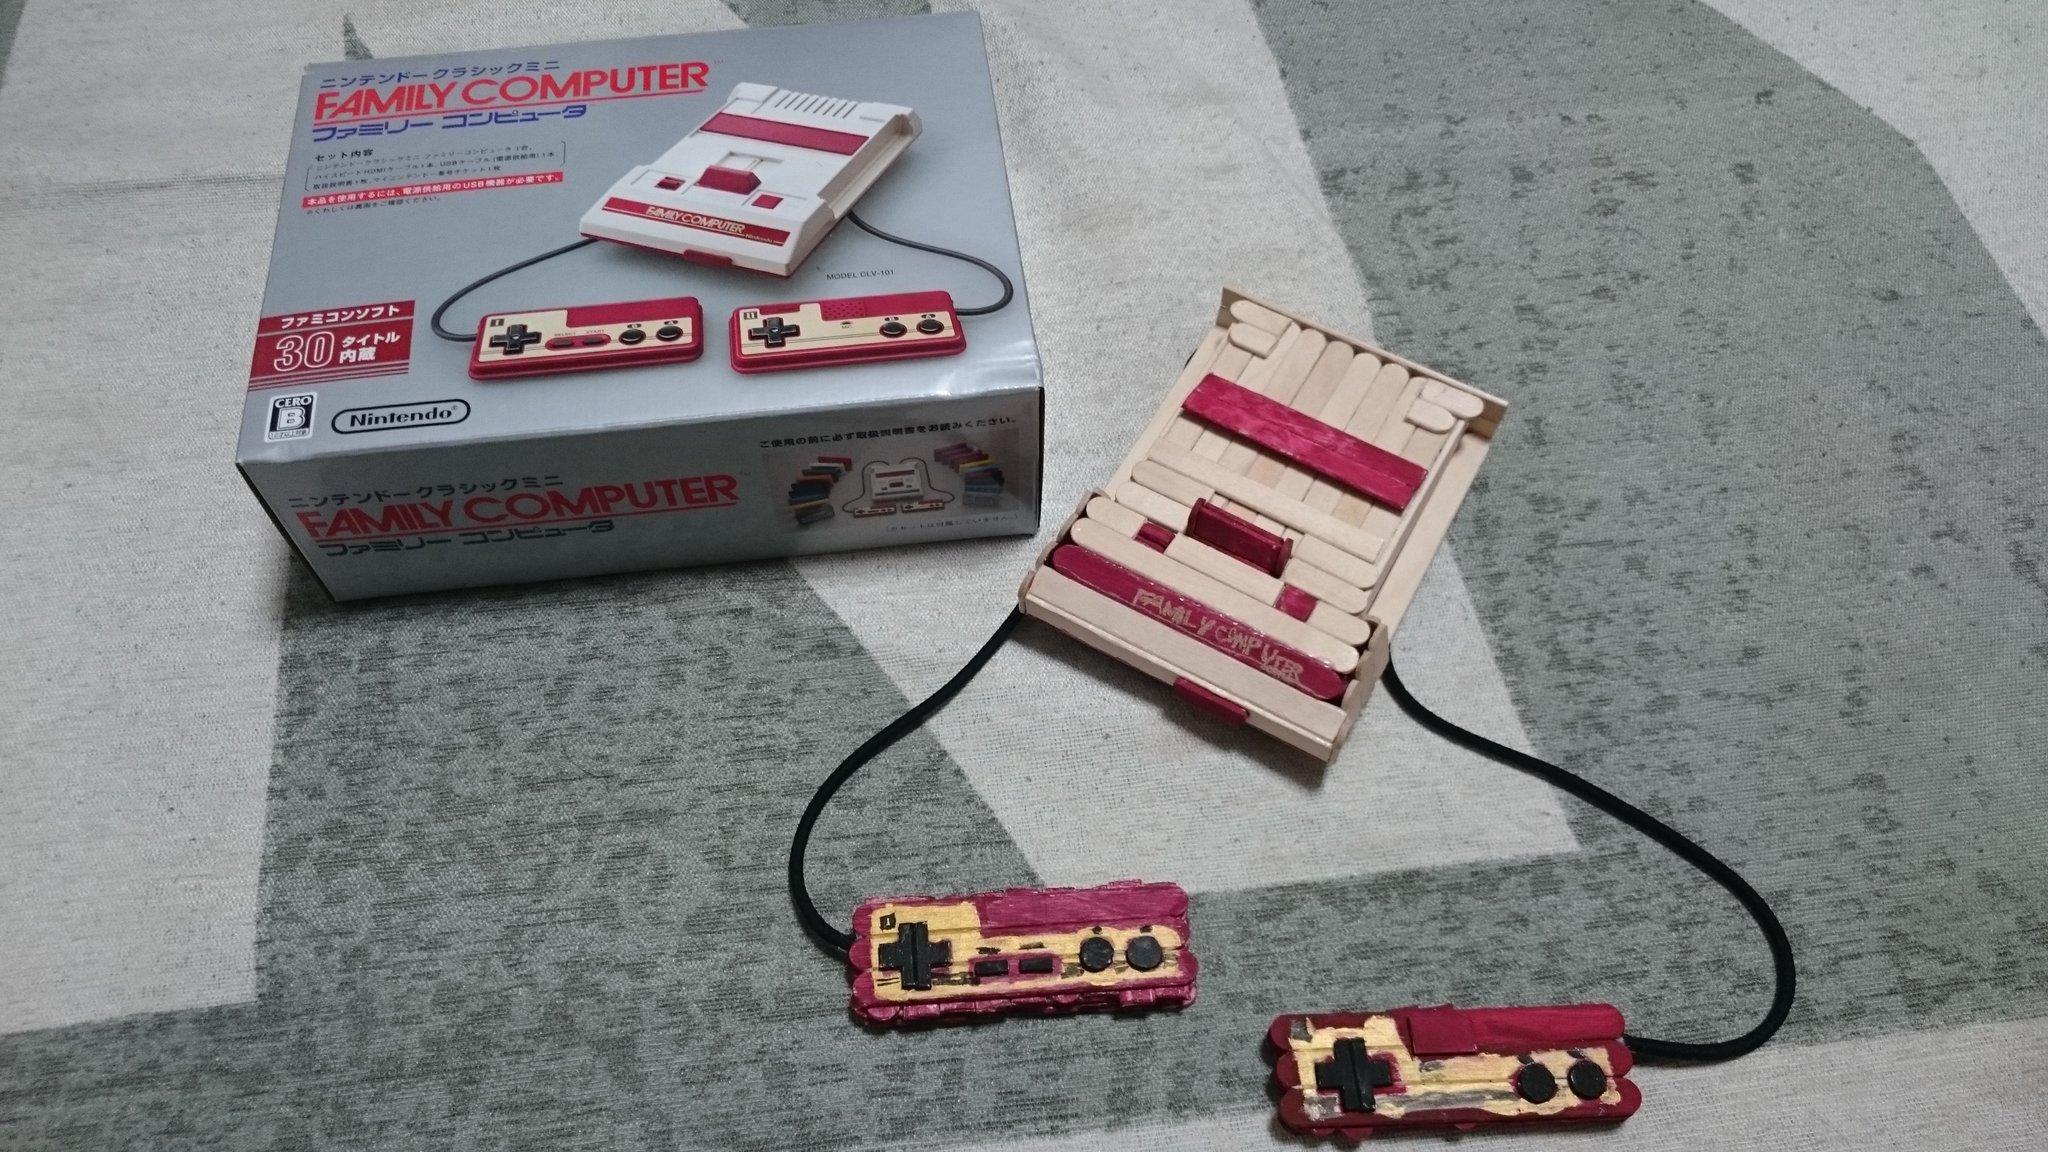 小学生息子くんの夏休みの工作。 アイスの棒で何かを作ろうという話になって、息子くんから「ファミコン!」との回答。 かなりの力作!カセット差し込み口はないけど一応フタも開きます。